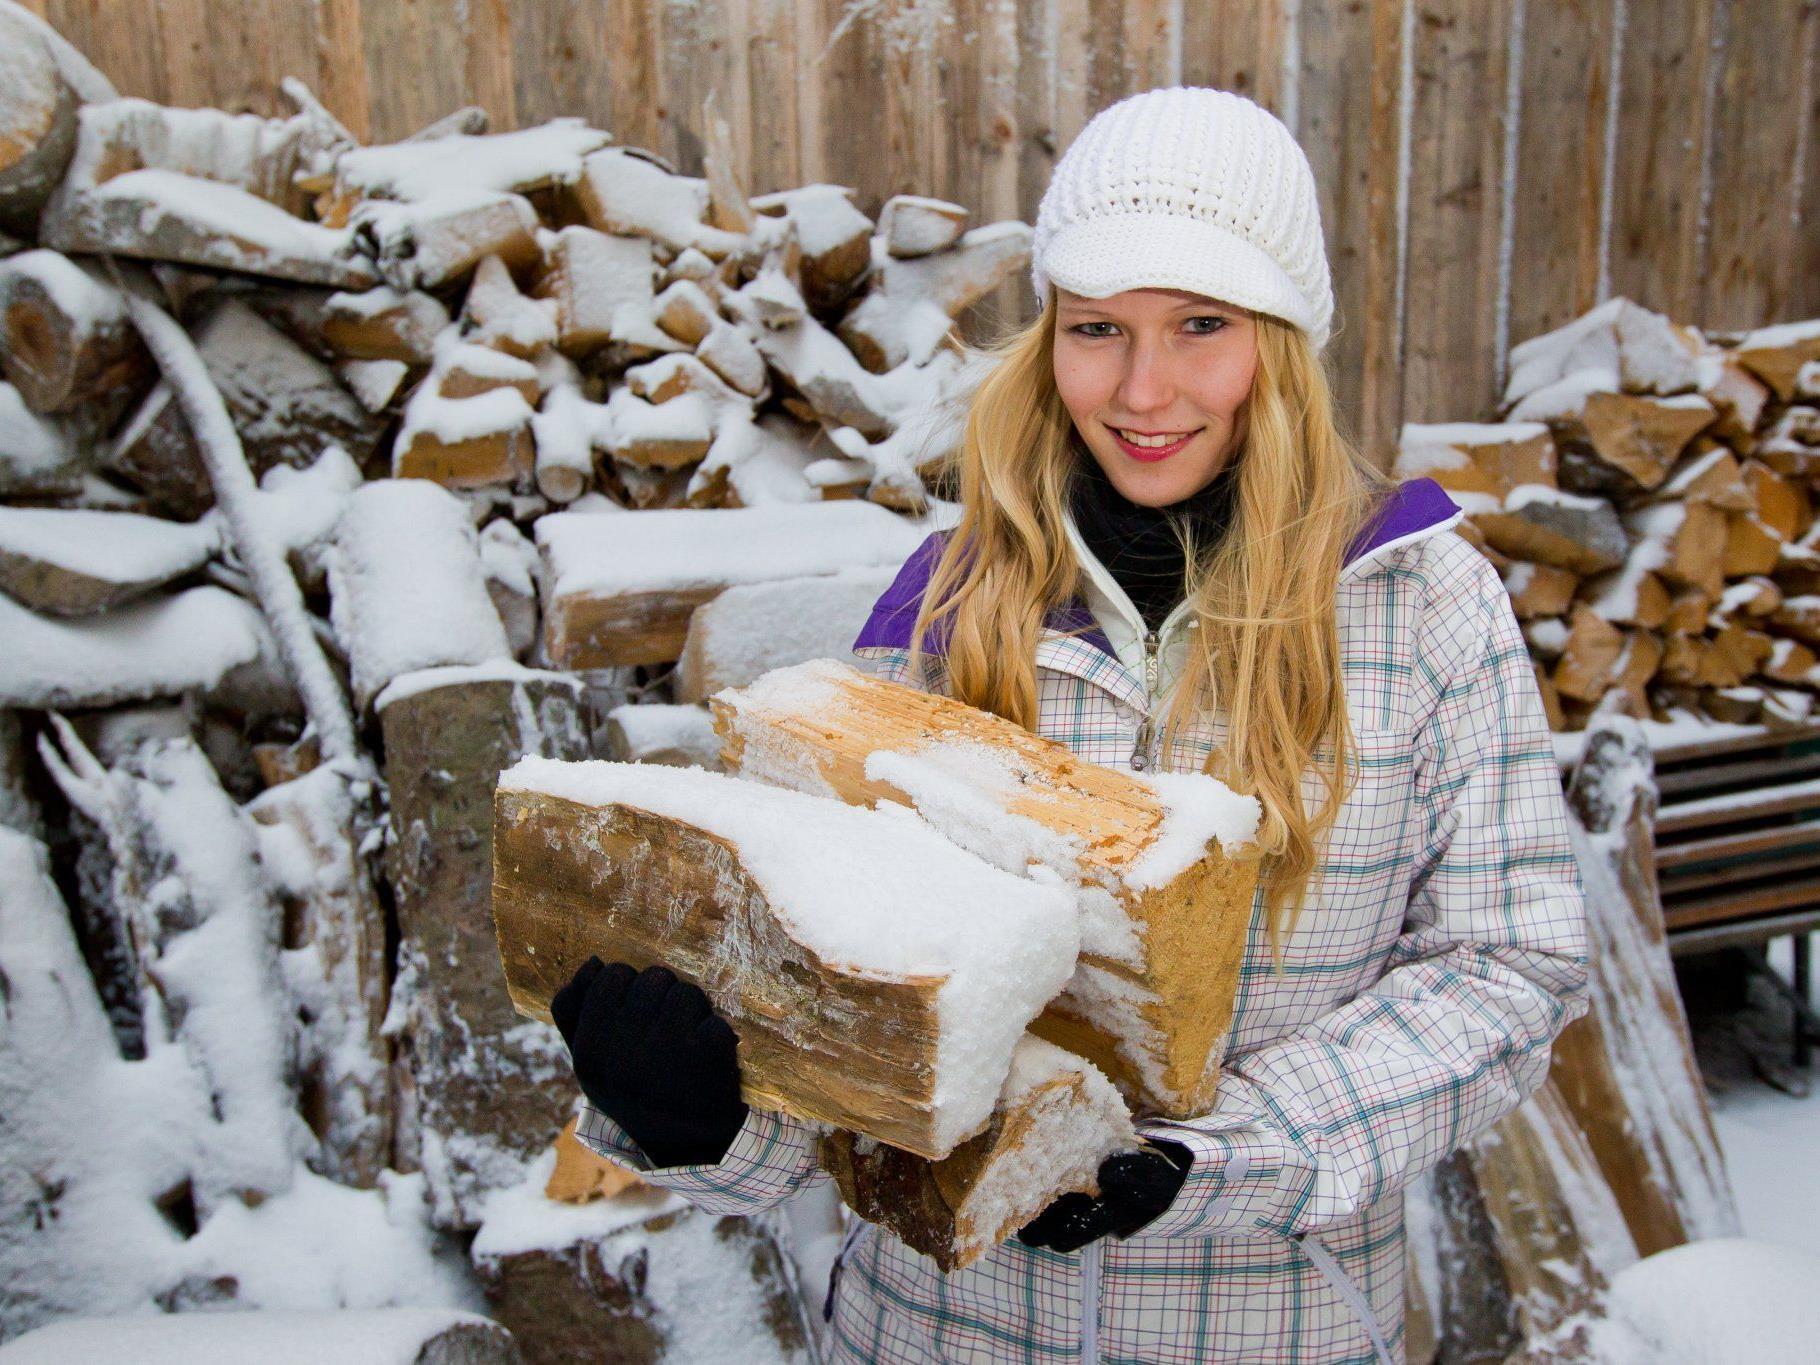 Holzsammeln für eine warme Stube. Das empfiehlt sich für die kommenden Tage.